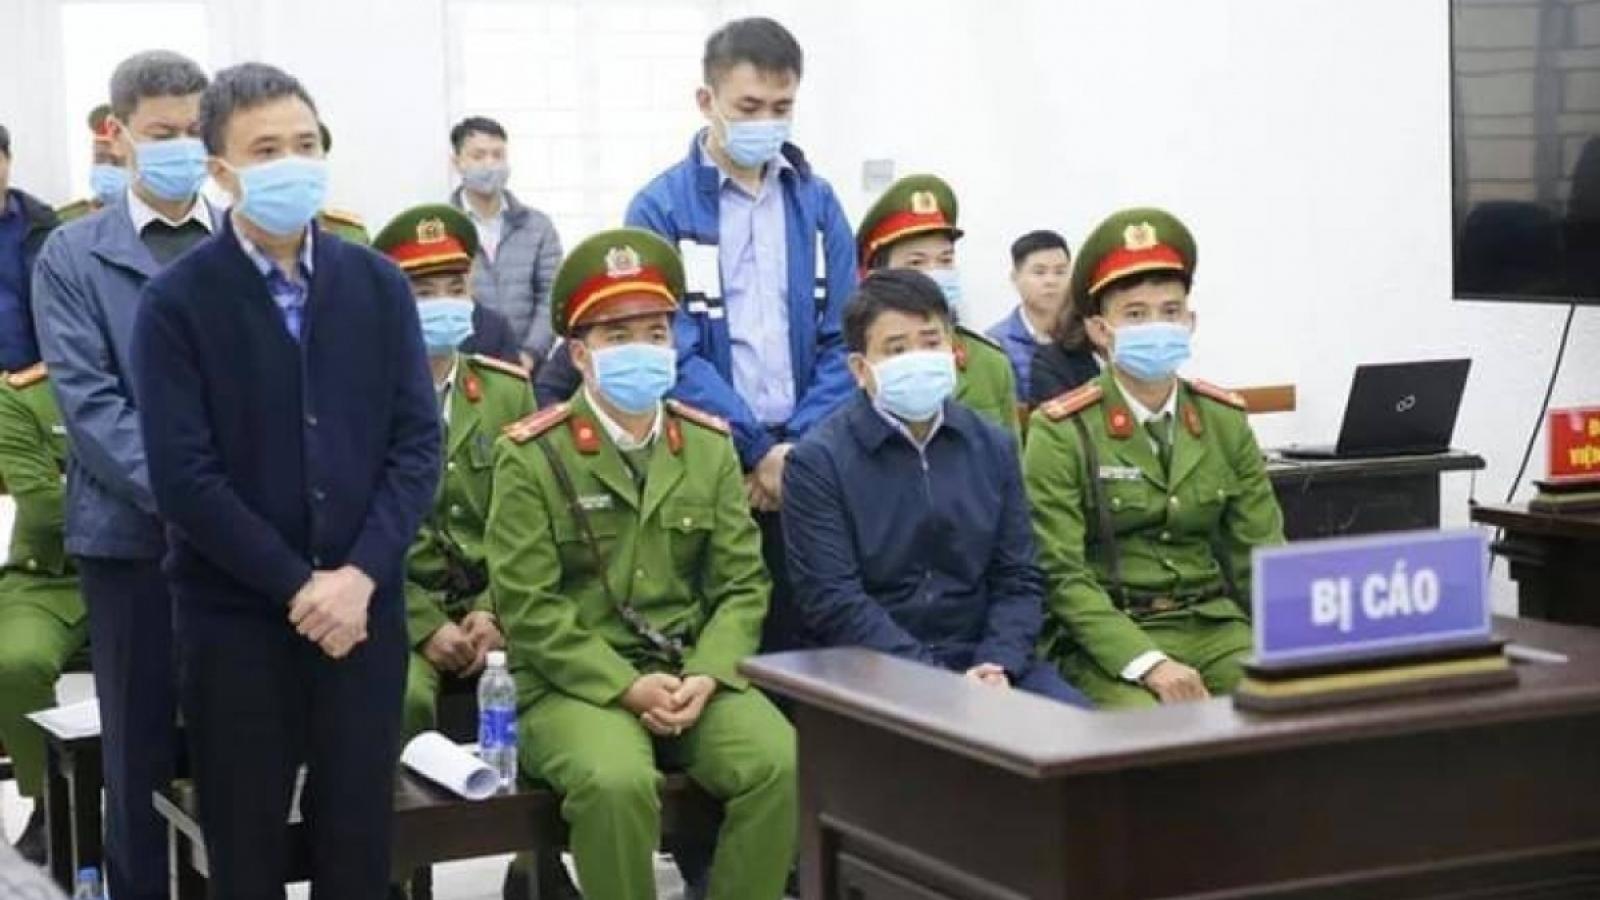 Nóng 24h: Ông Nguyễn Đức Chung bị khởi tố ở vụ án thứ hai